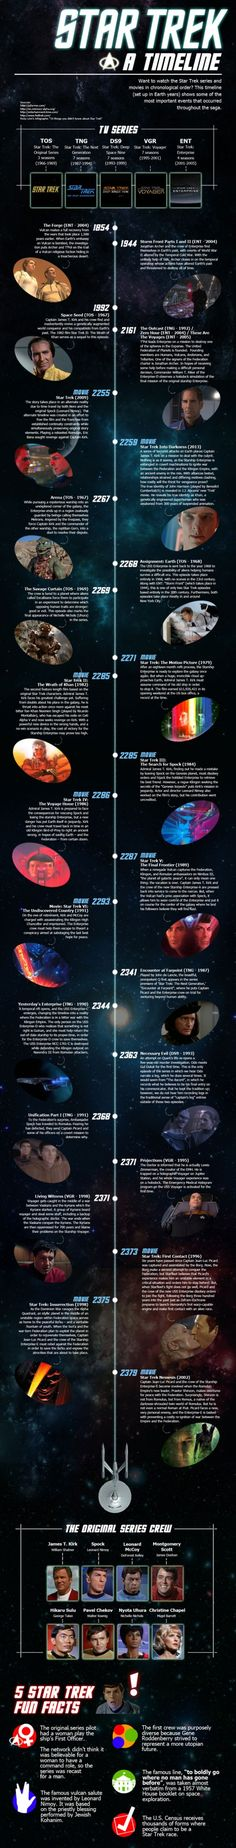 Star Trek Episodes Timeline Infographic...I'm such a nerd. :)